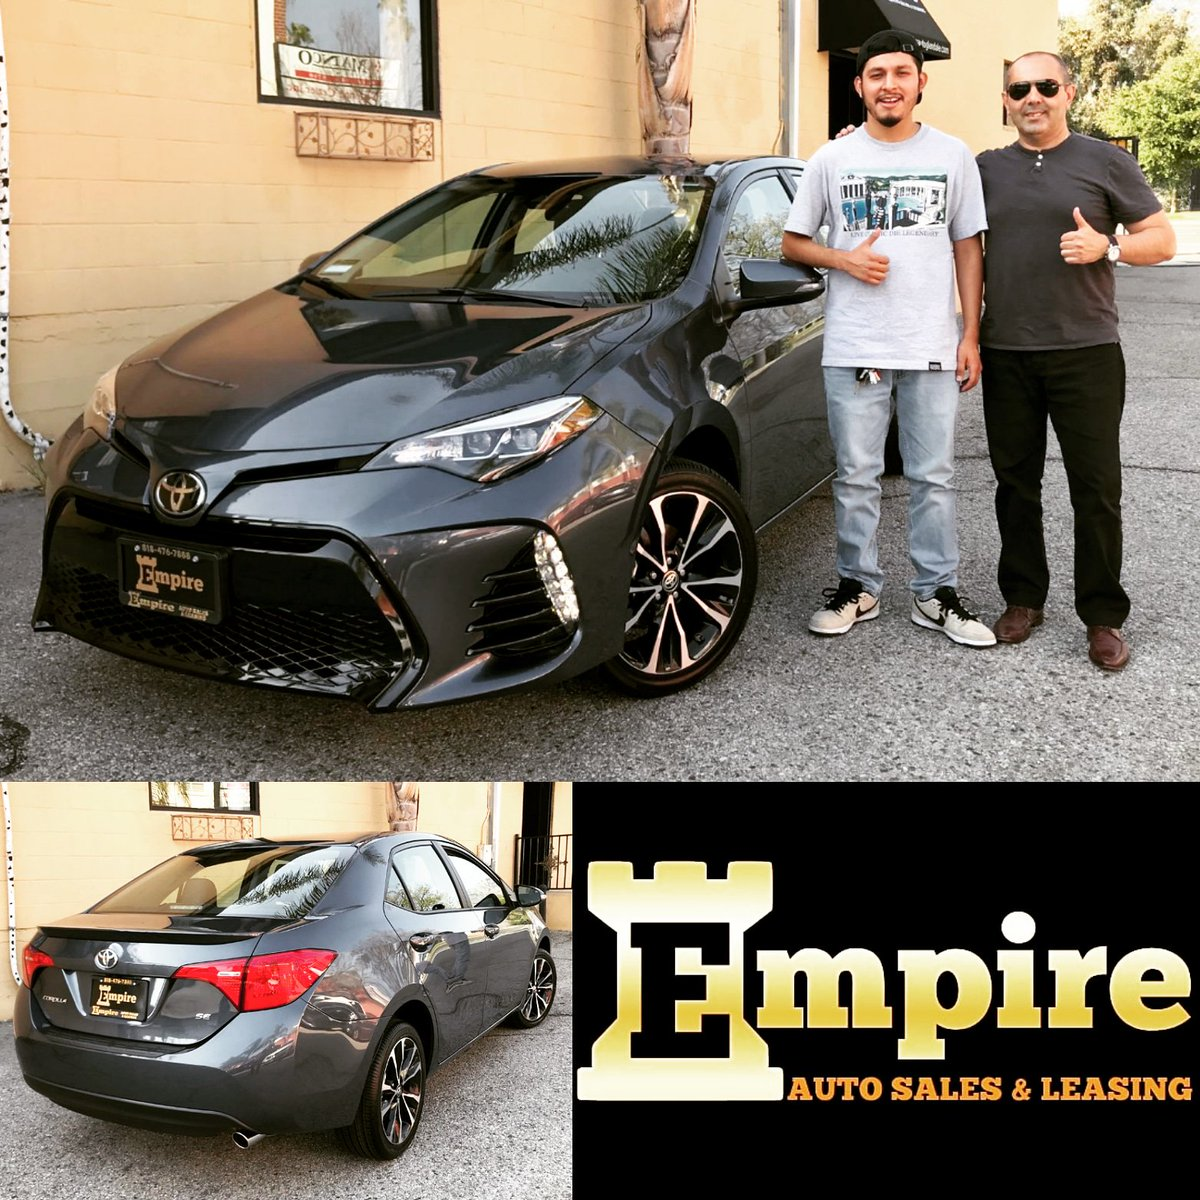 Empire Auto Sales >> Empire Auto Sales On Twitter Empireauto New Car Lease